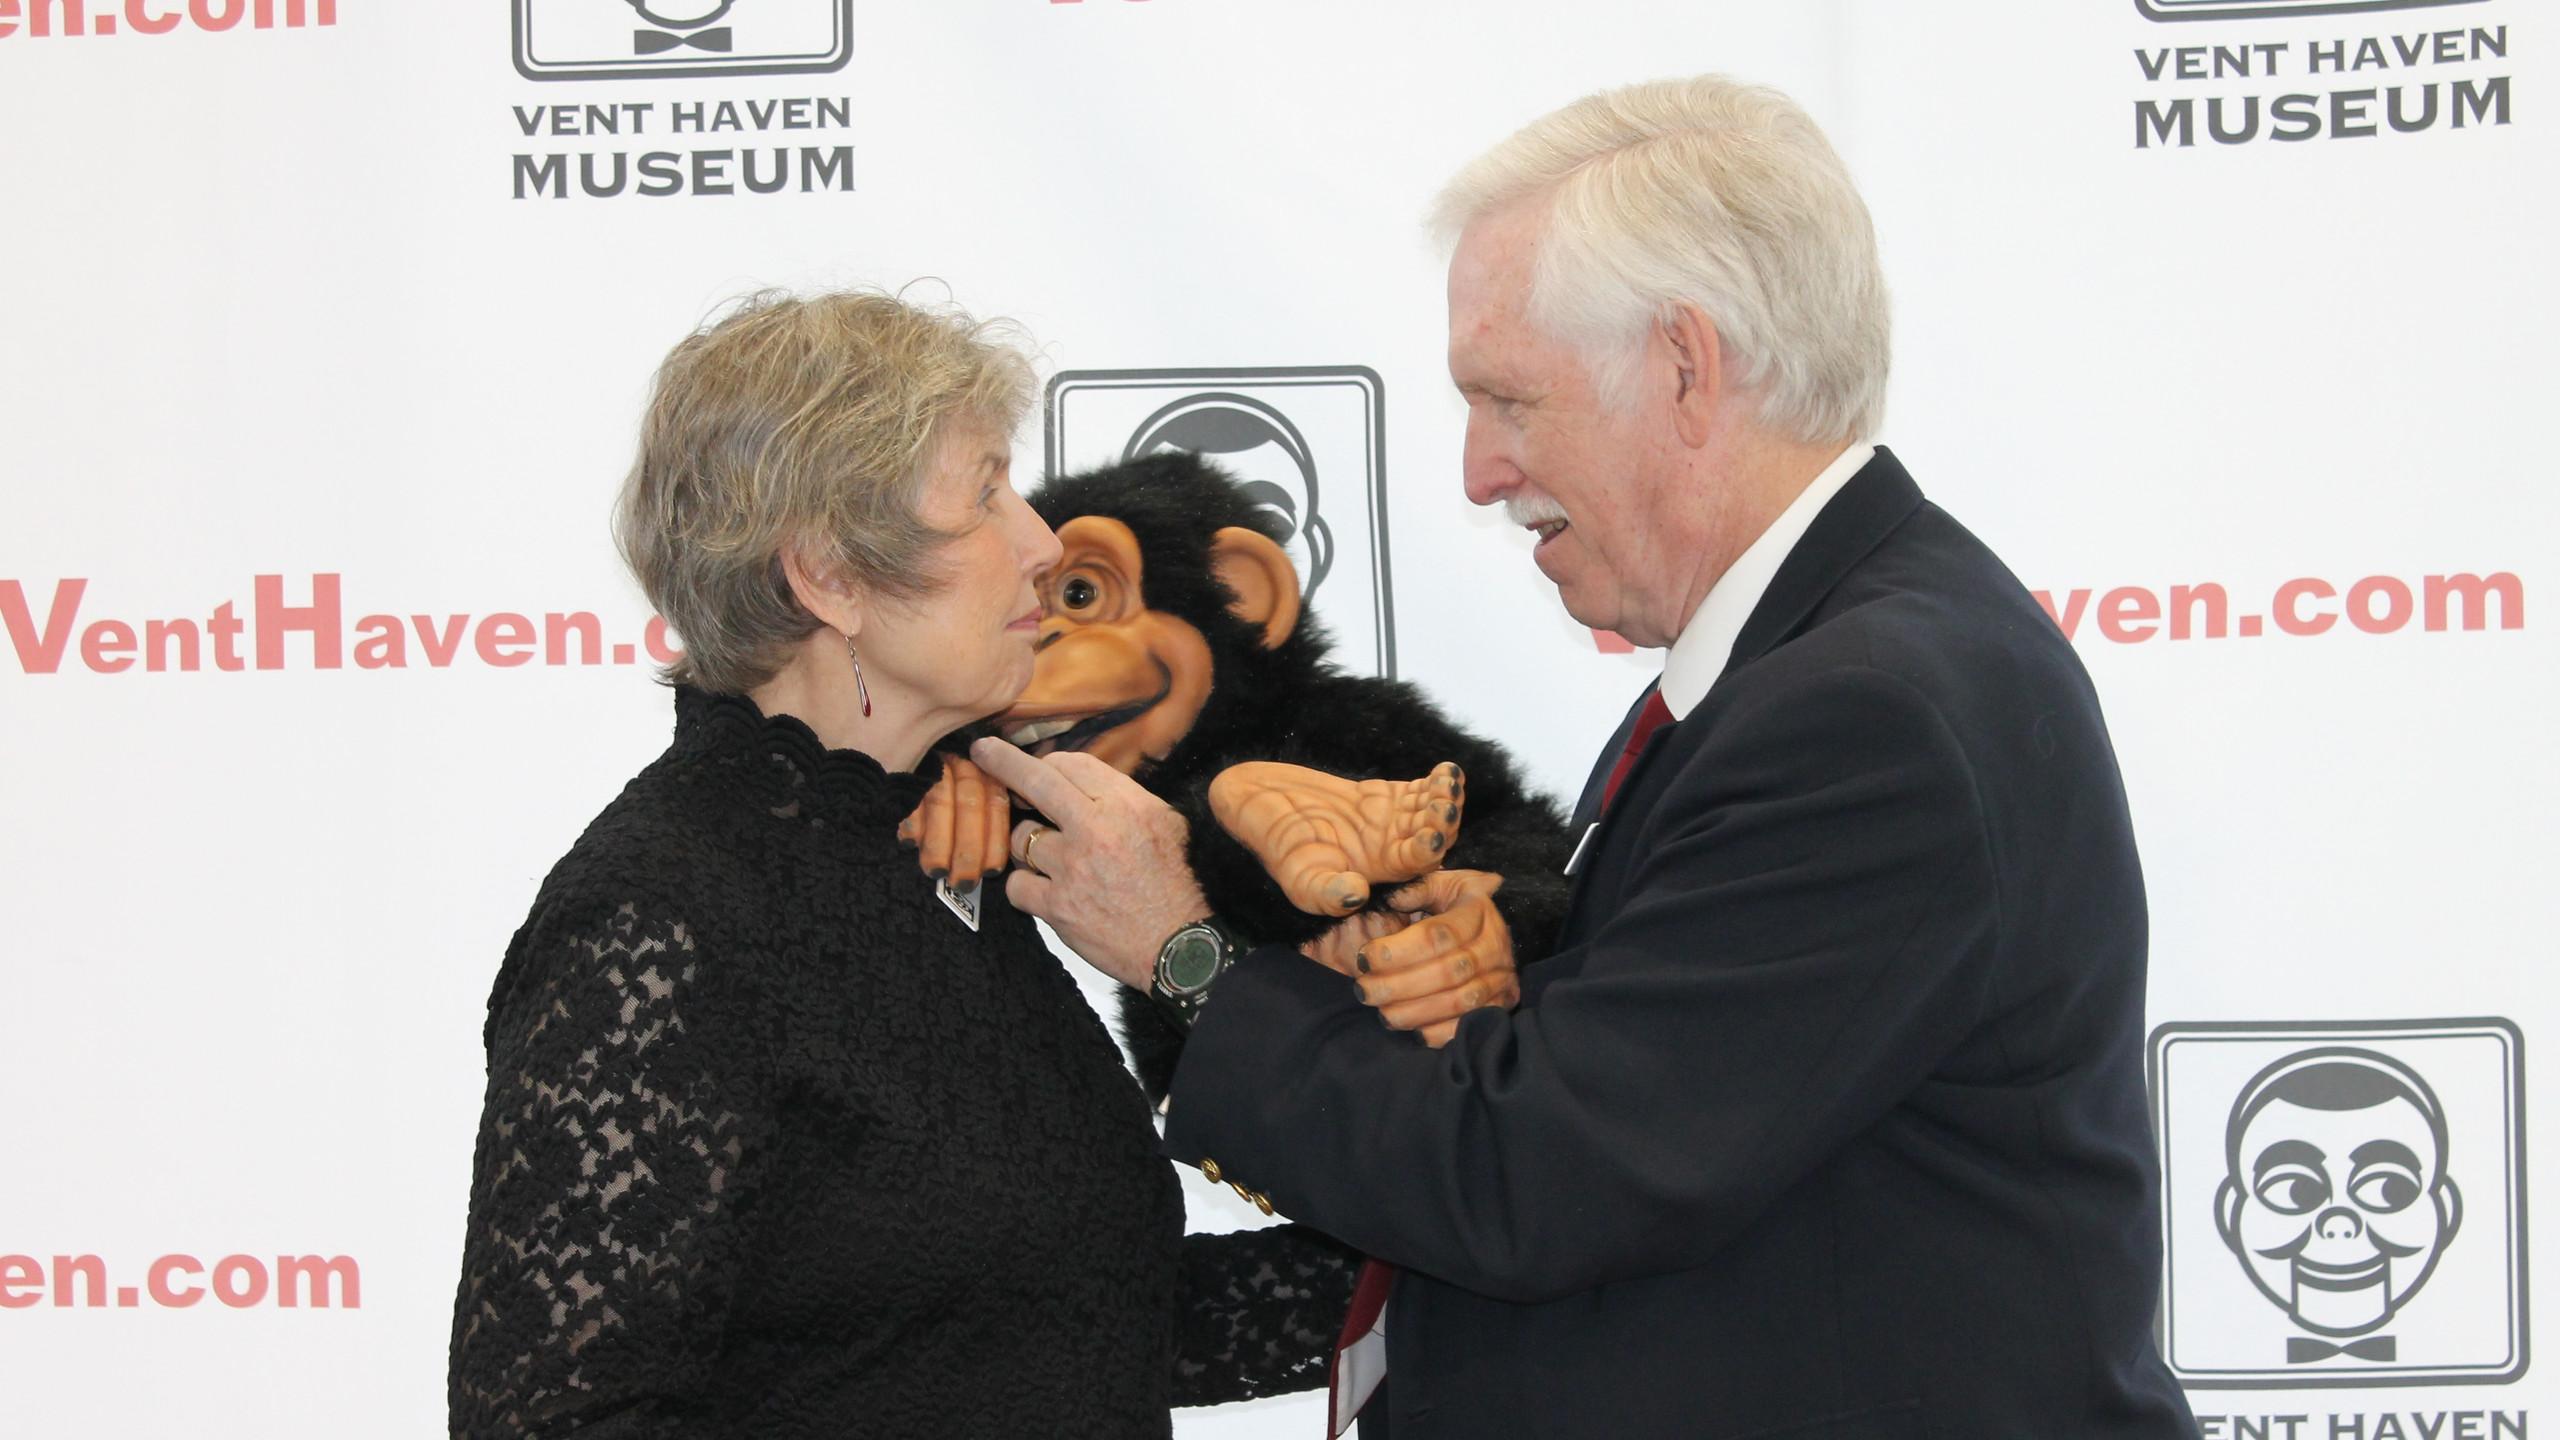 Bob & Kit Wylly with Monkey